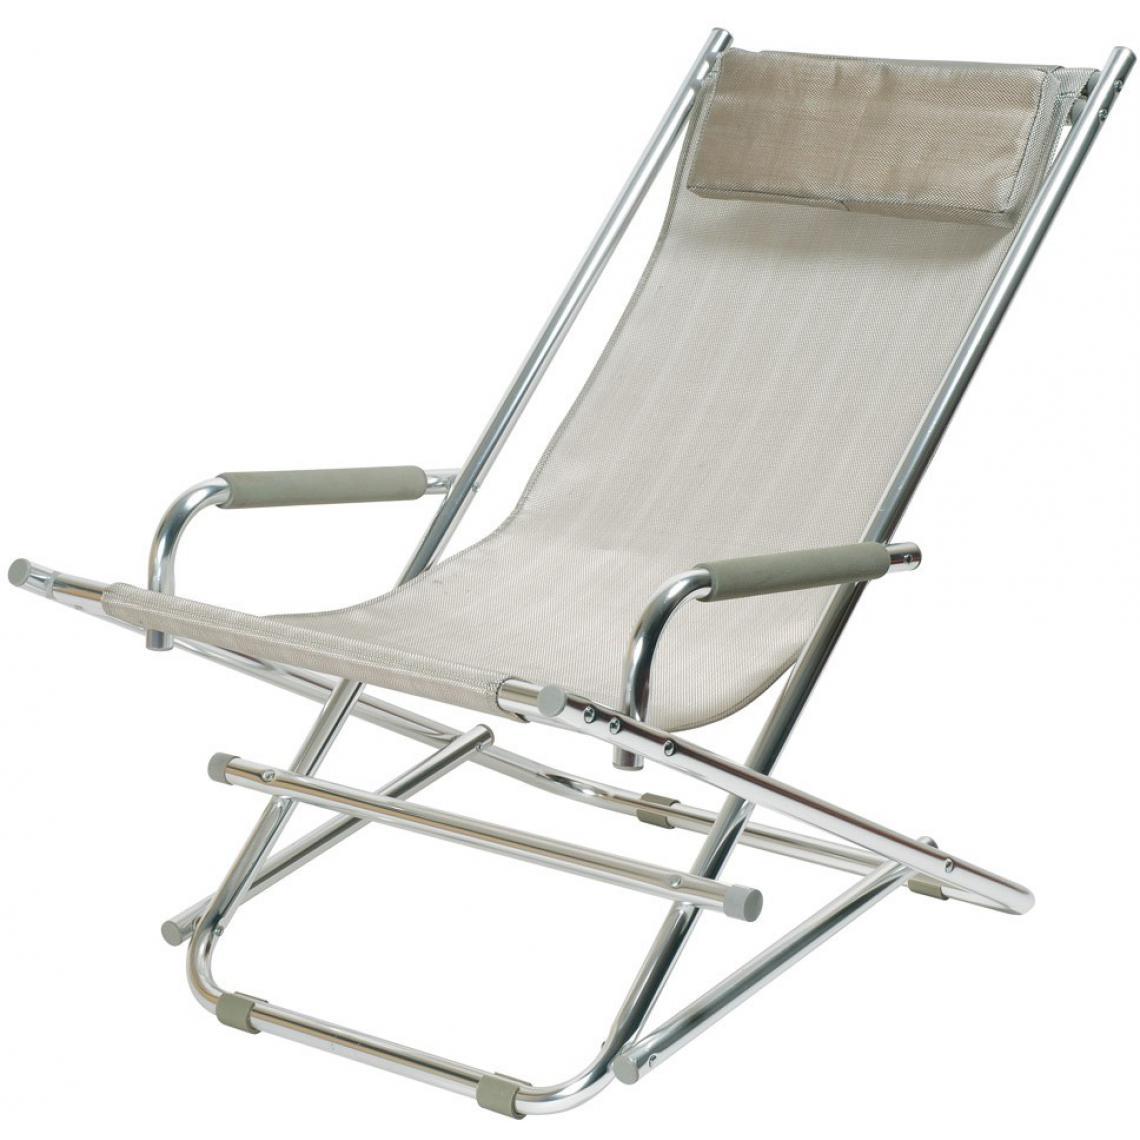 chaise longue 3 suisses